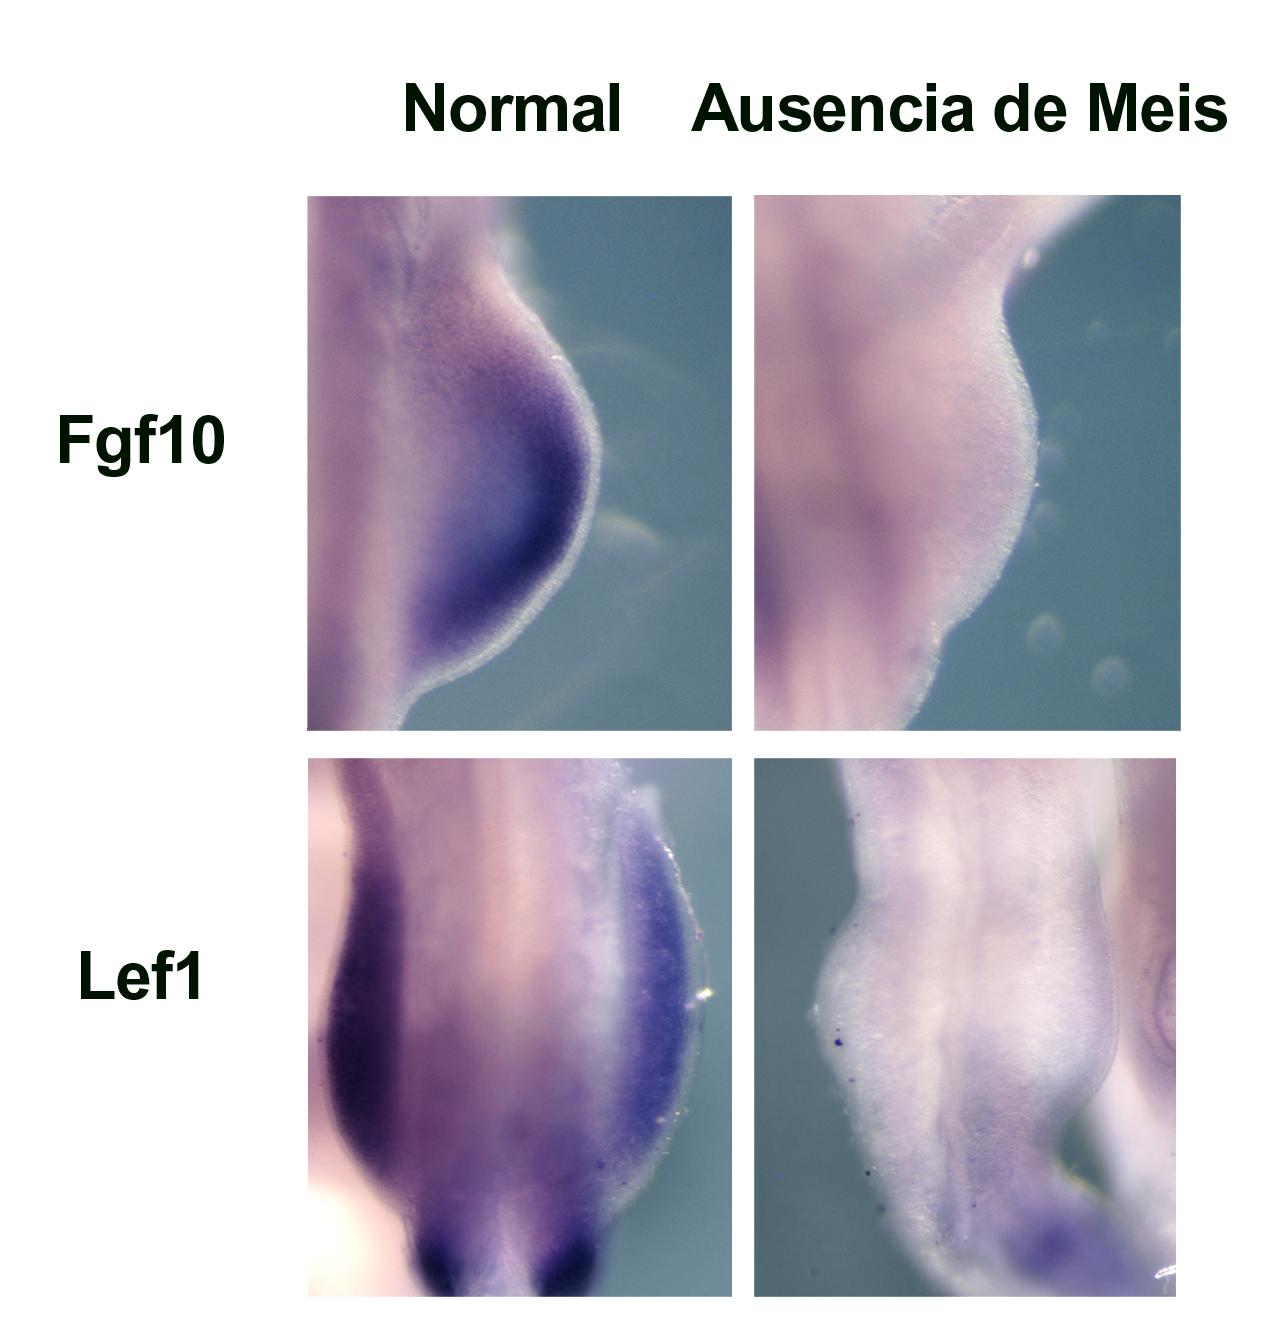 Expresión de Fgf10 y Lef1 en esbozos de extremidad inferior en embriones normales y en ausencia de Meis, en los que no se observa expresión alguna.